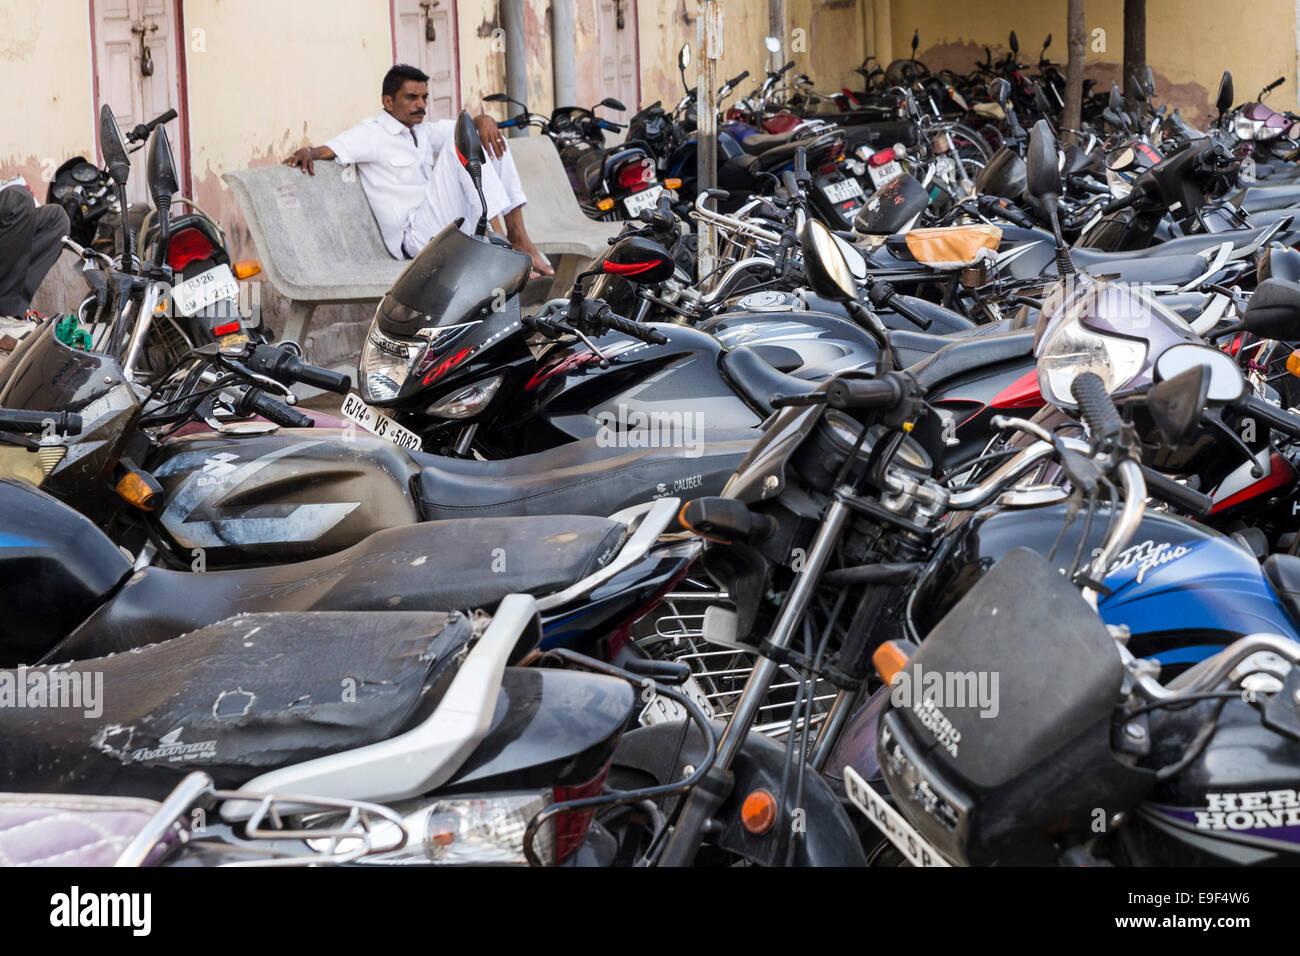 free motorcycle parking knightsbridge  Parking Motorbike Stock Photos